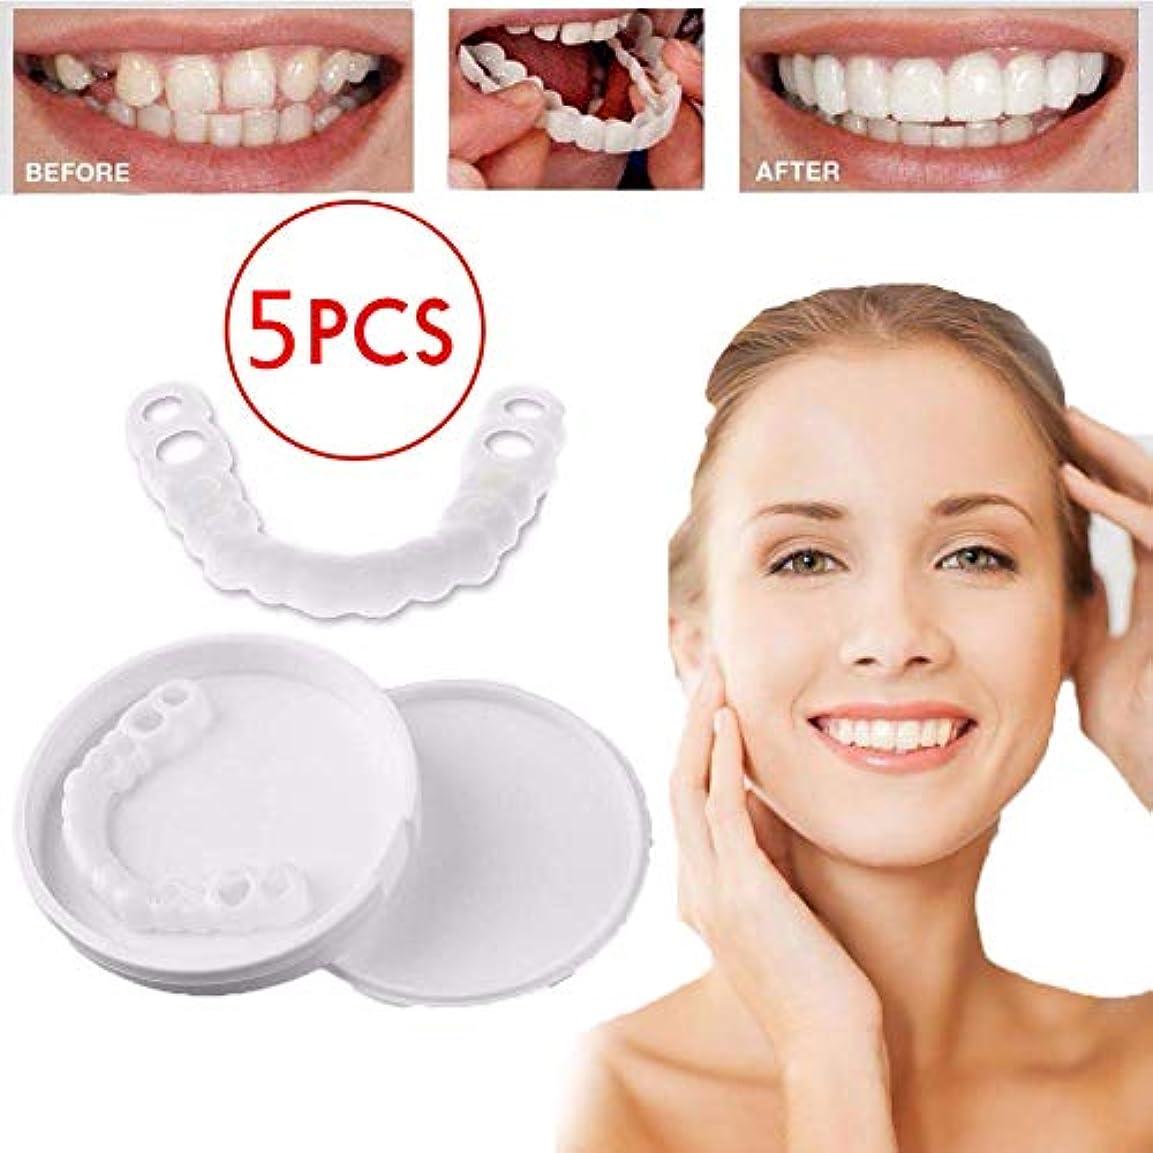 悪性ガジュマルが欲しいインスタント快適なフレックスパーフェクトベニアの歯のスナップキャップを白くする6個の一時的な歯,5pcslowerteeth